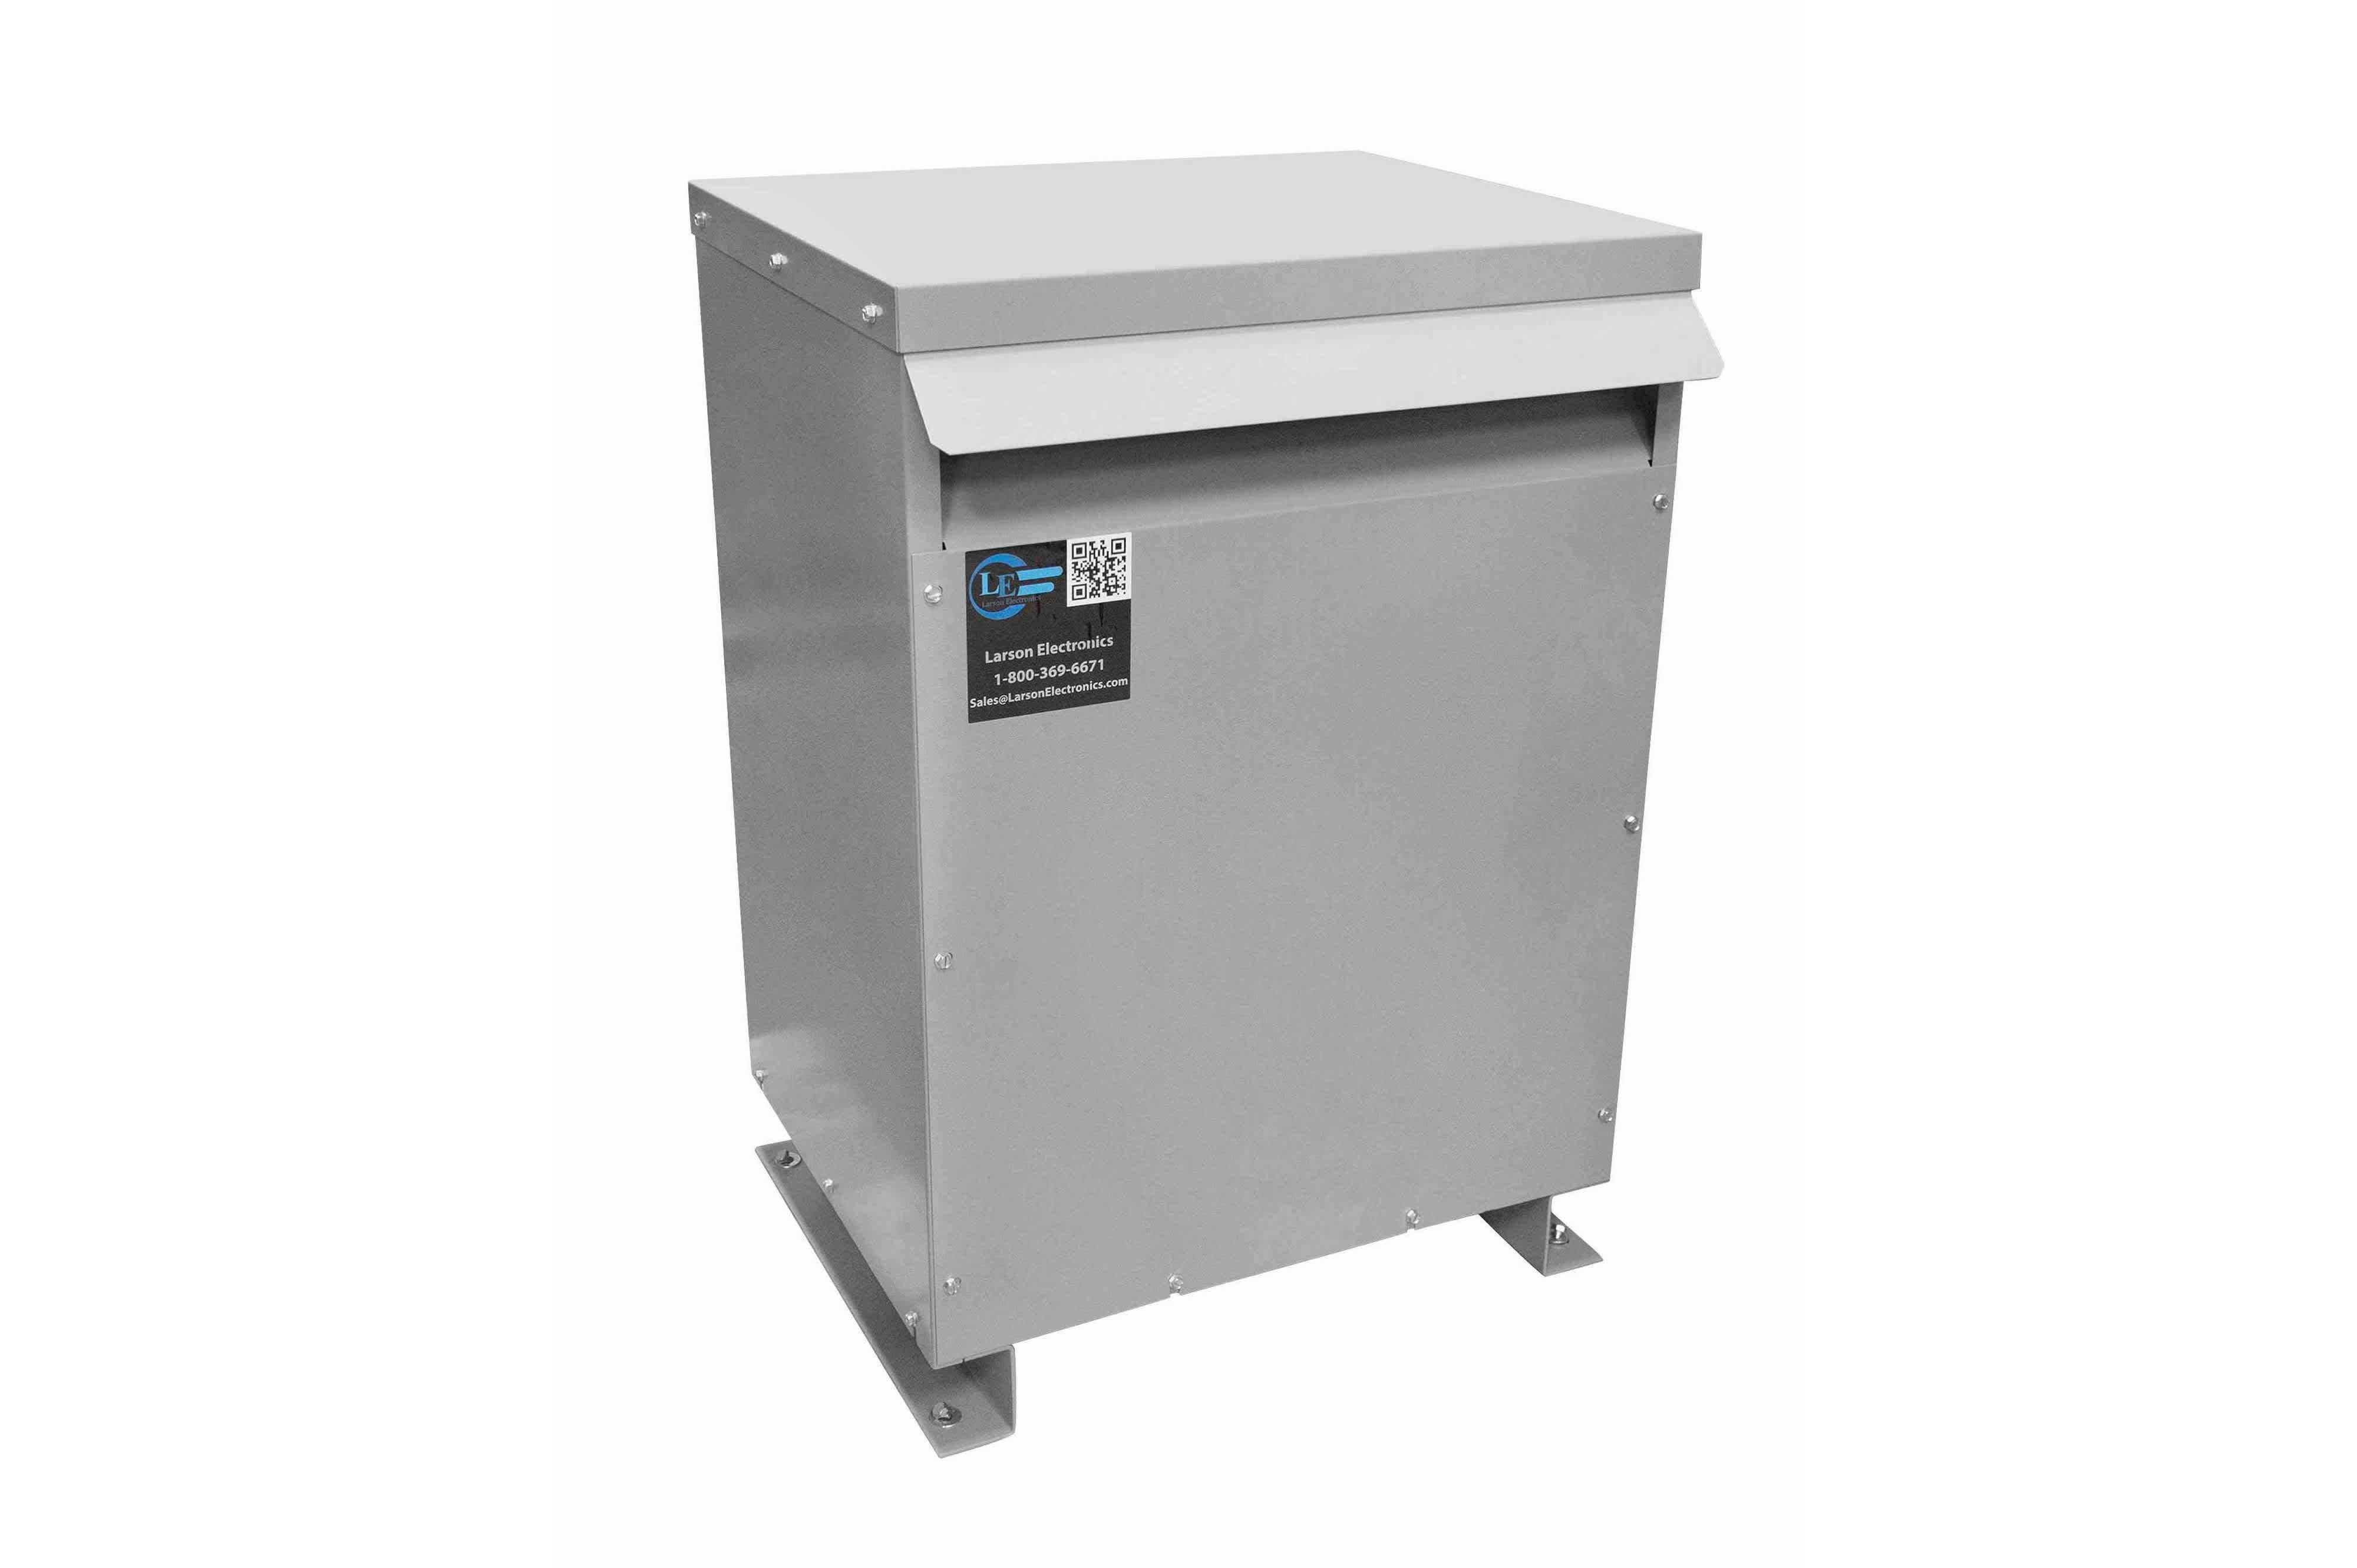 20 kVA 3PH DOE Transformer, 400V Delta Primary, 240V/120 Delta Secondary, N3R, Ventilated, 60 Hz